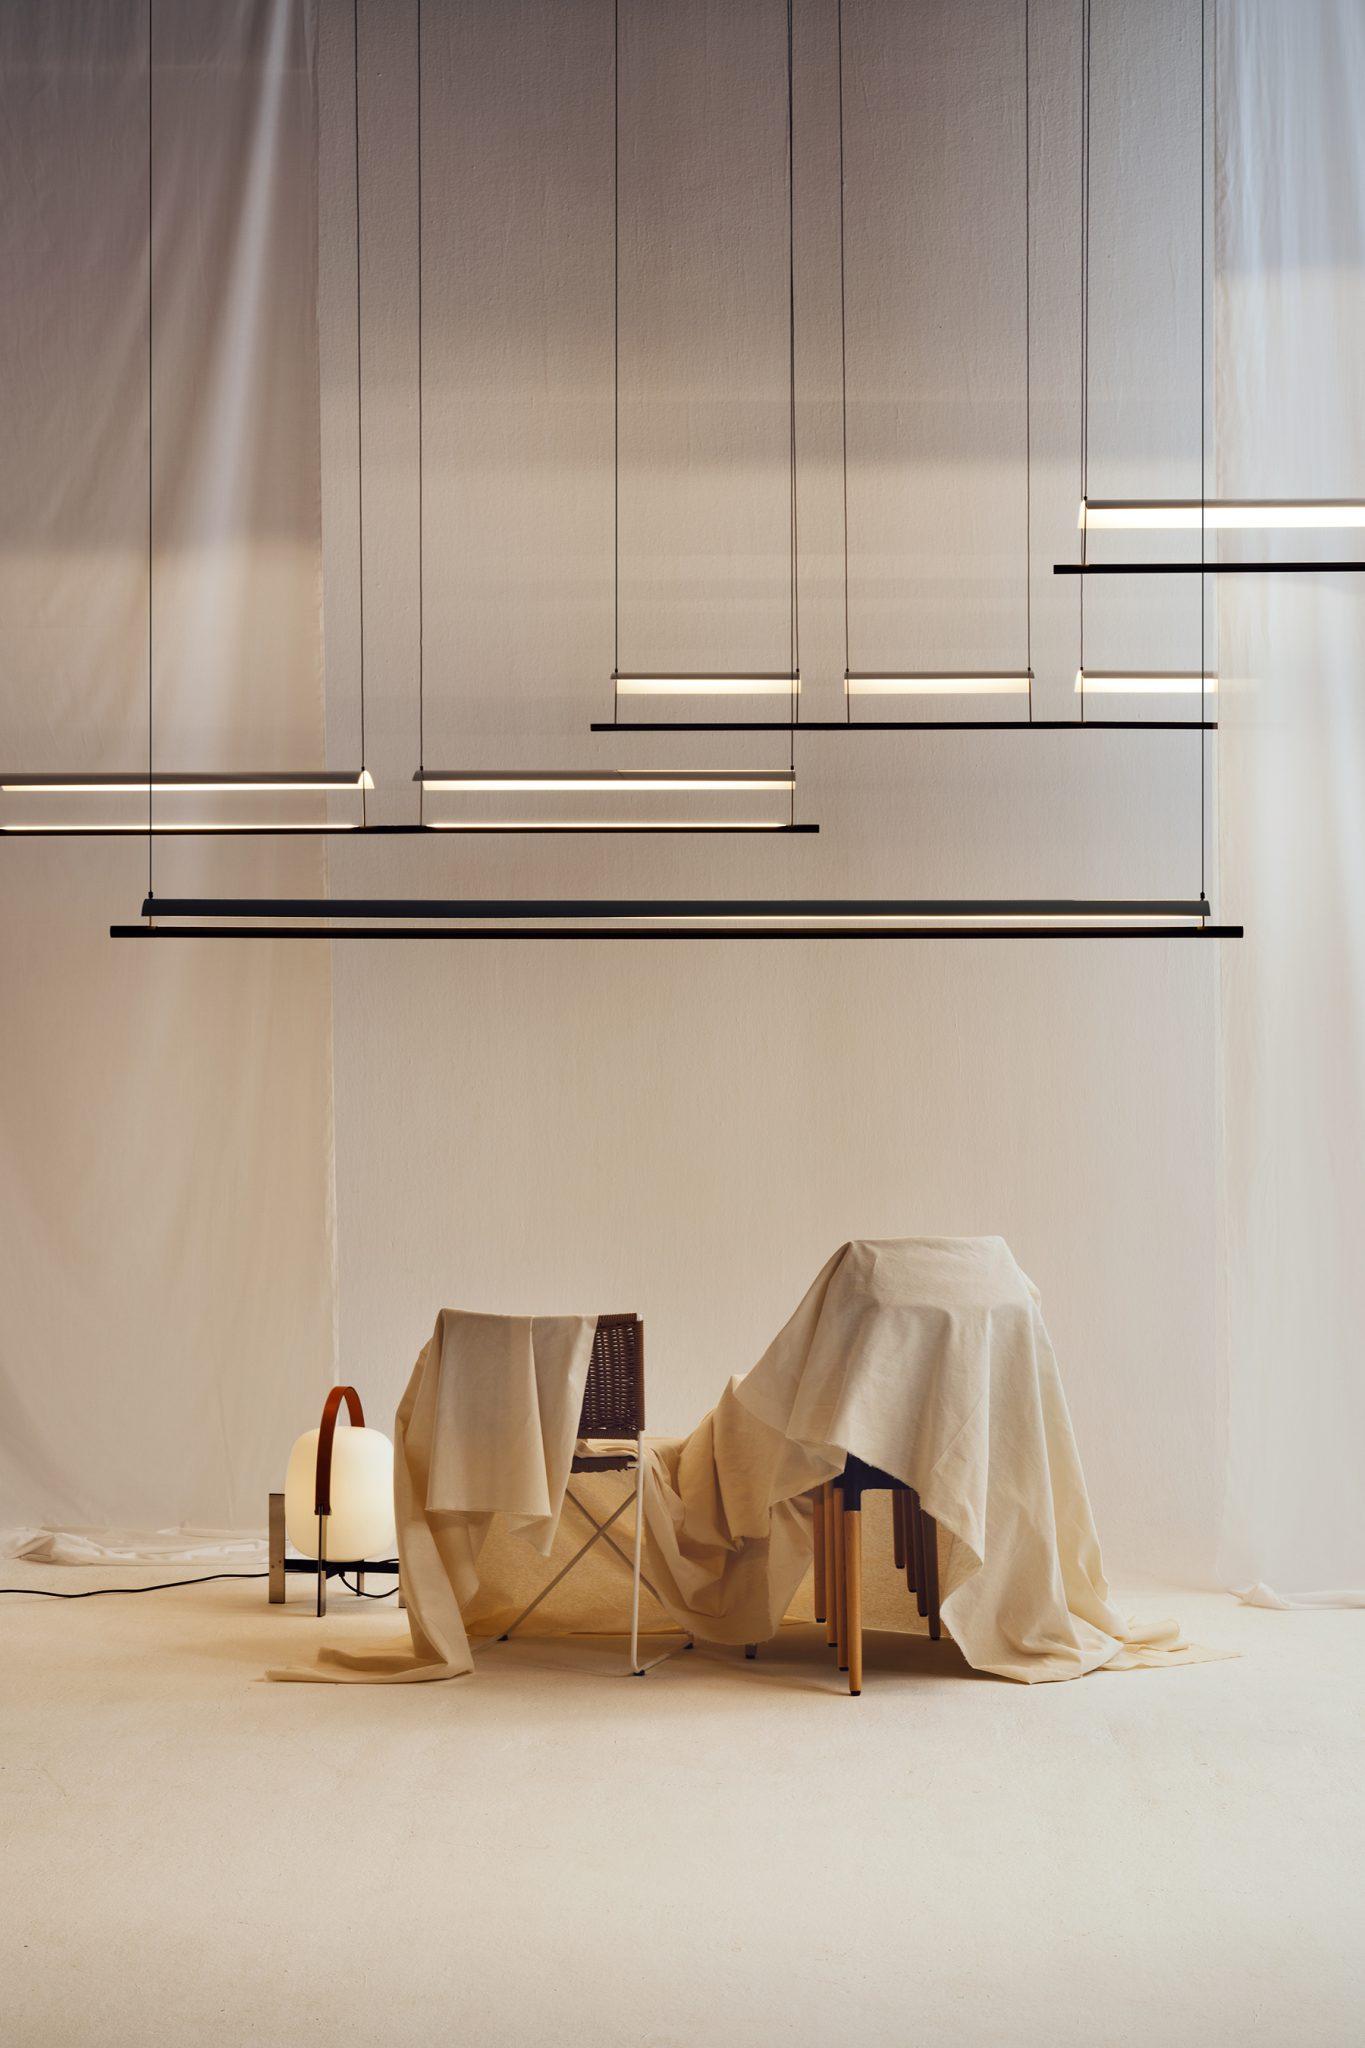 La simplicidad y la óptima difusión de la luz definen las lámparas colgantes de Antoni Arola